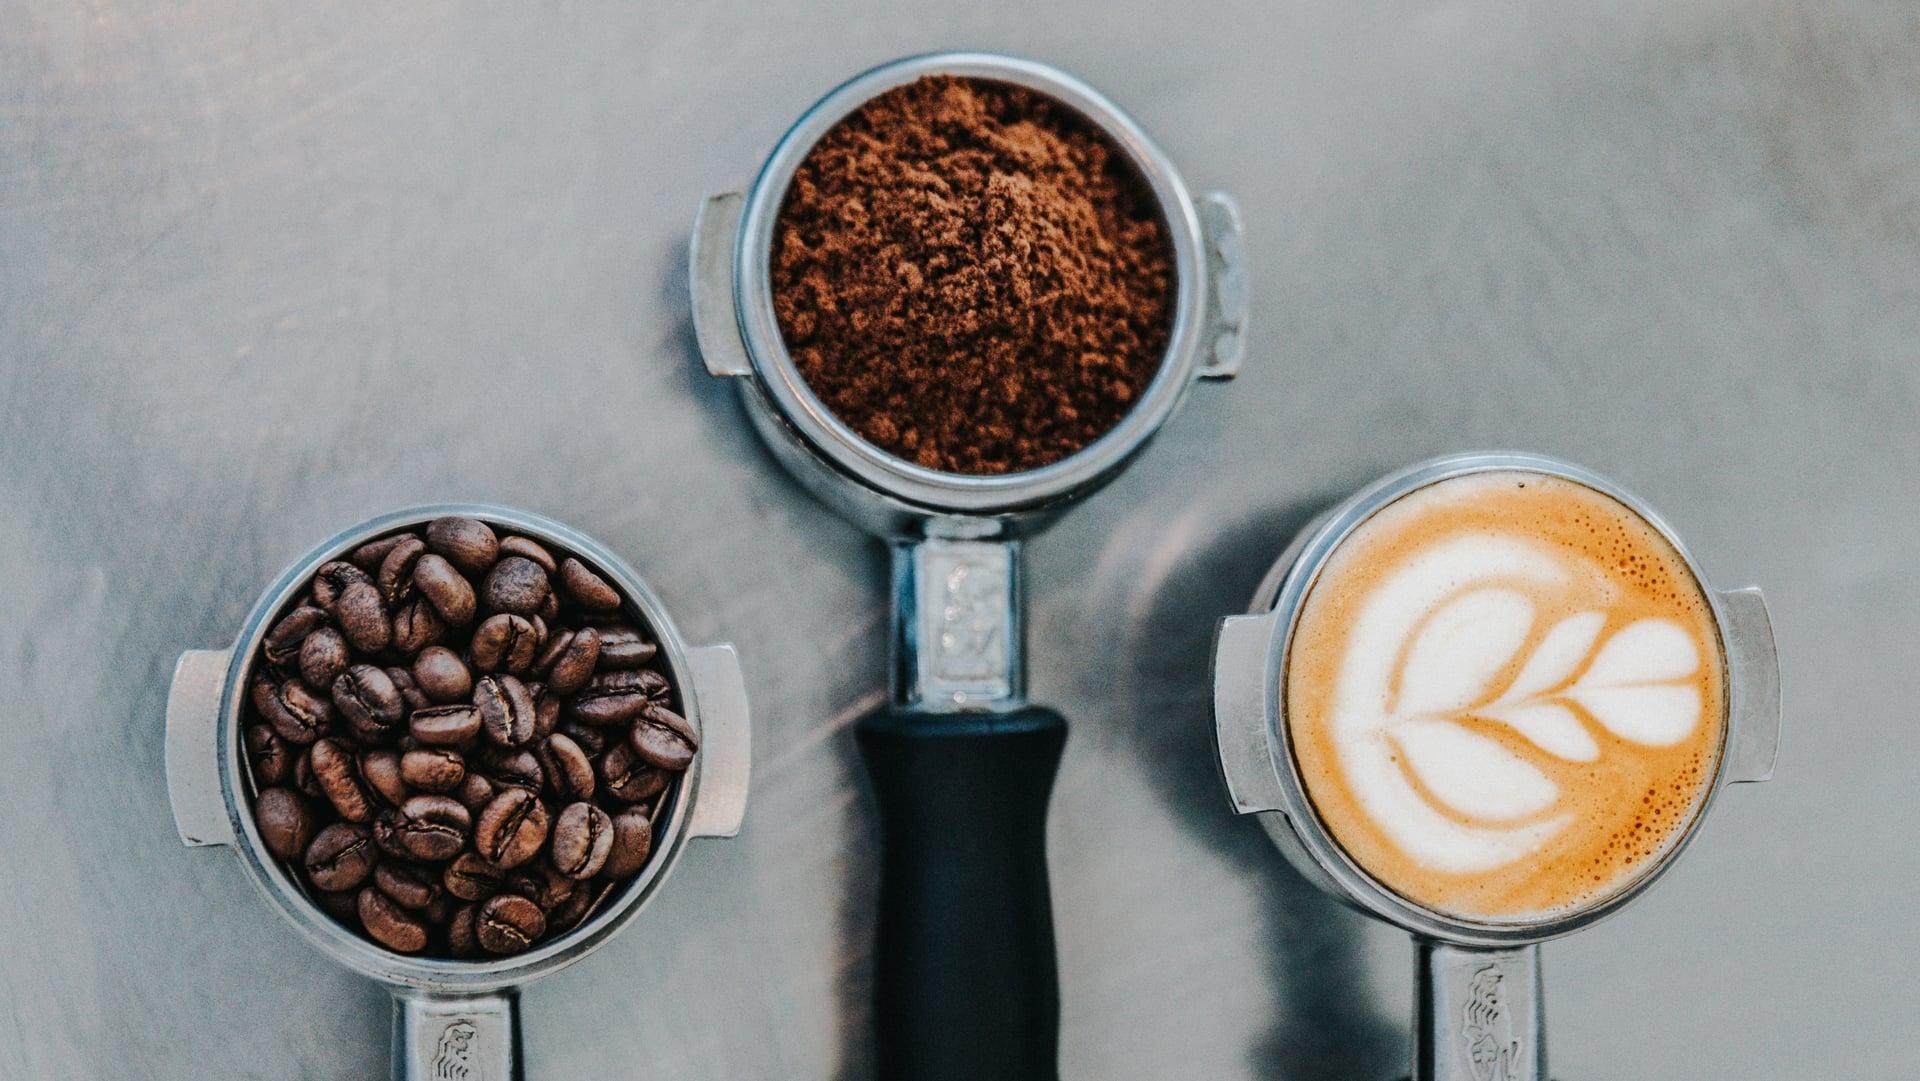 Unde găsești cea mai bună cafea aproape de biroul tău